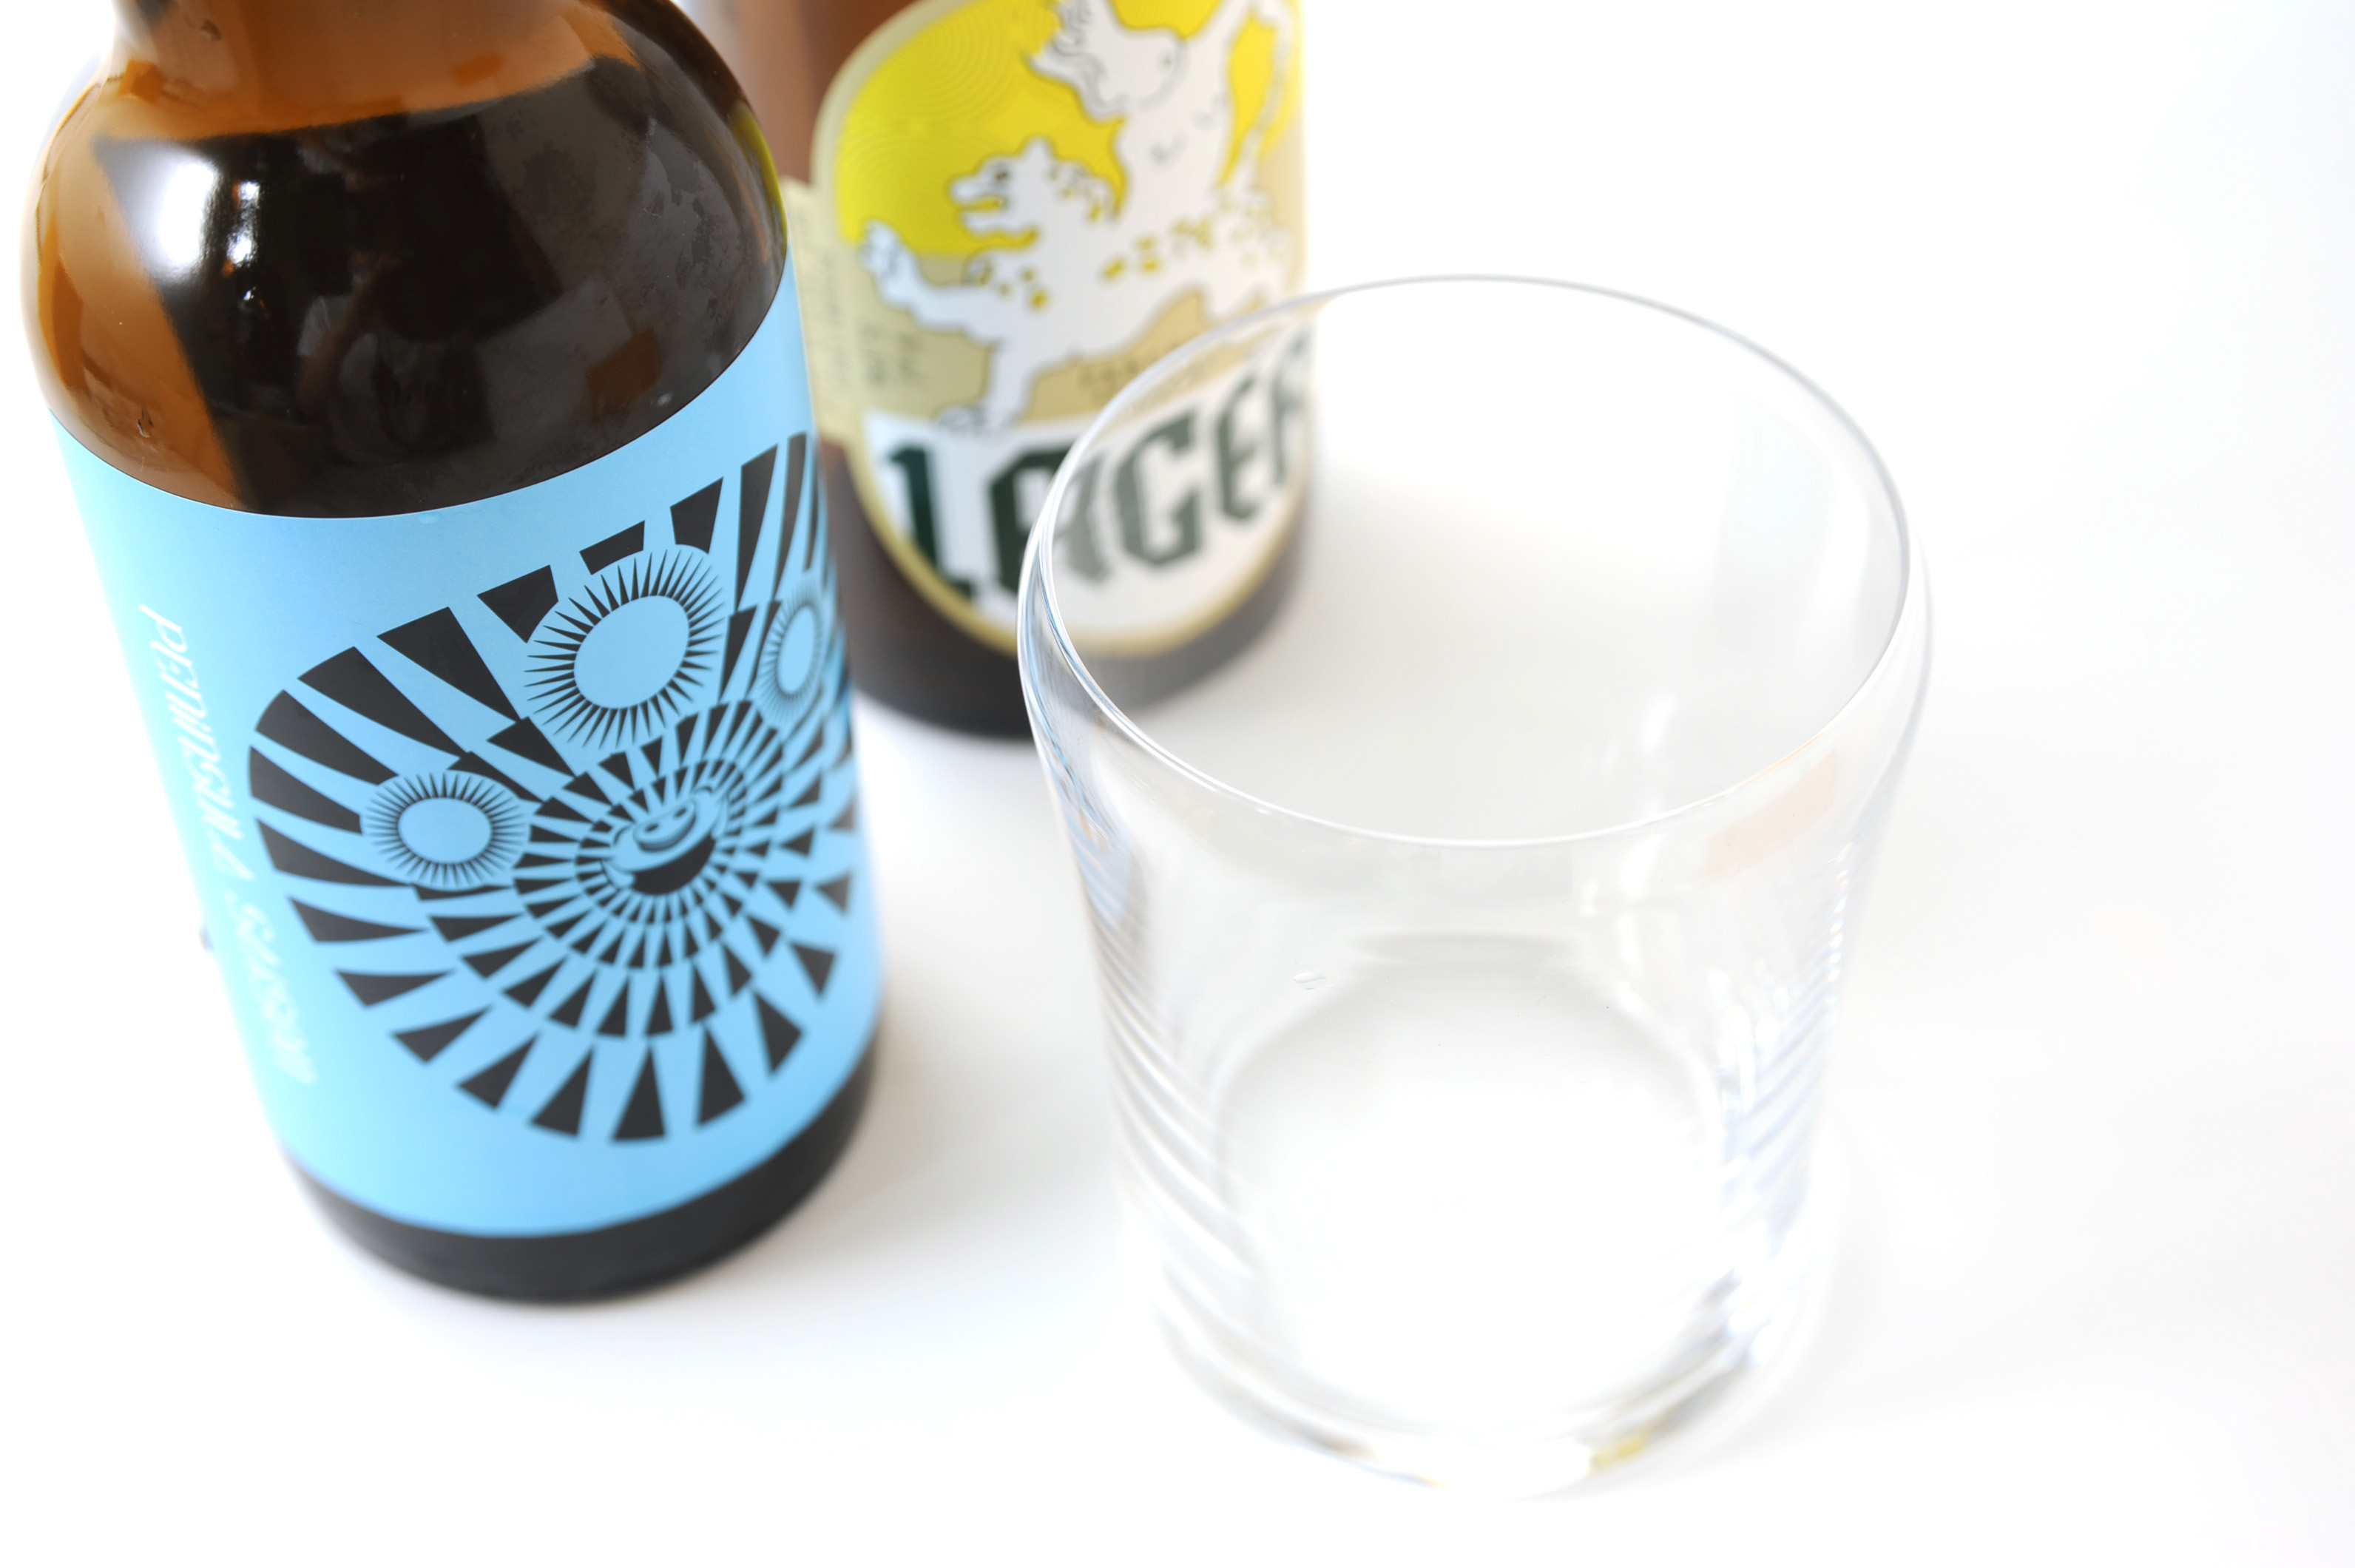 Sugahara Glass(スガハラガラス) 「PAUSA(ポウサ)」